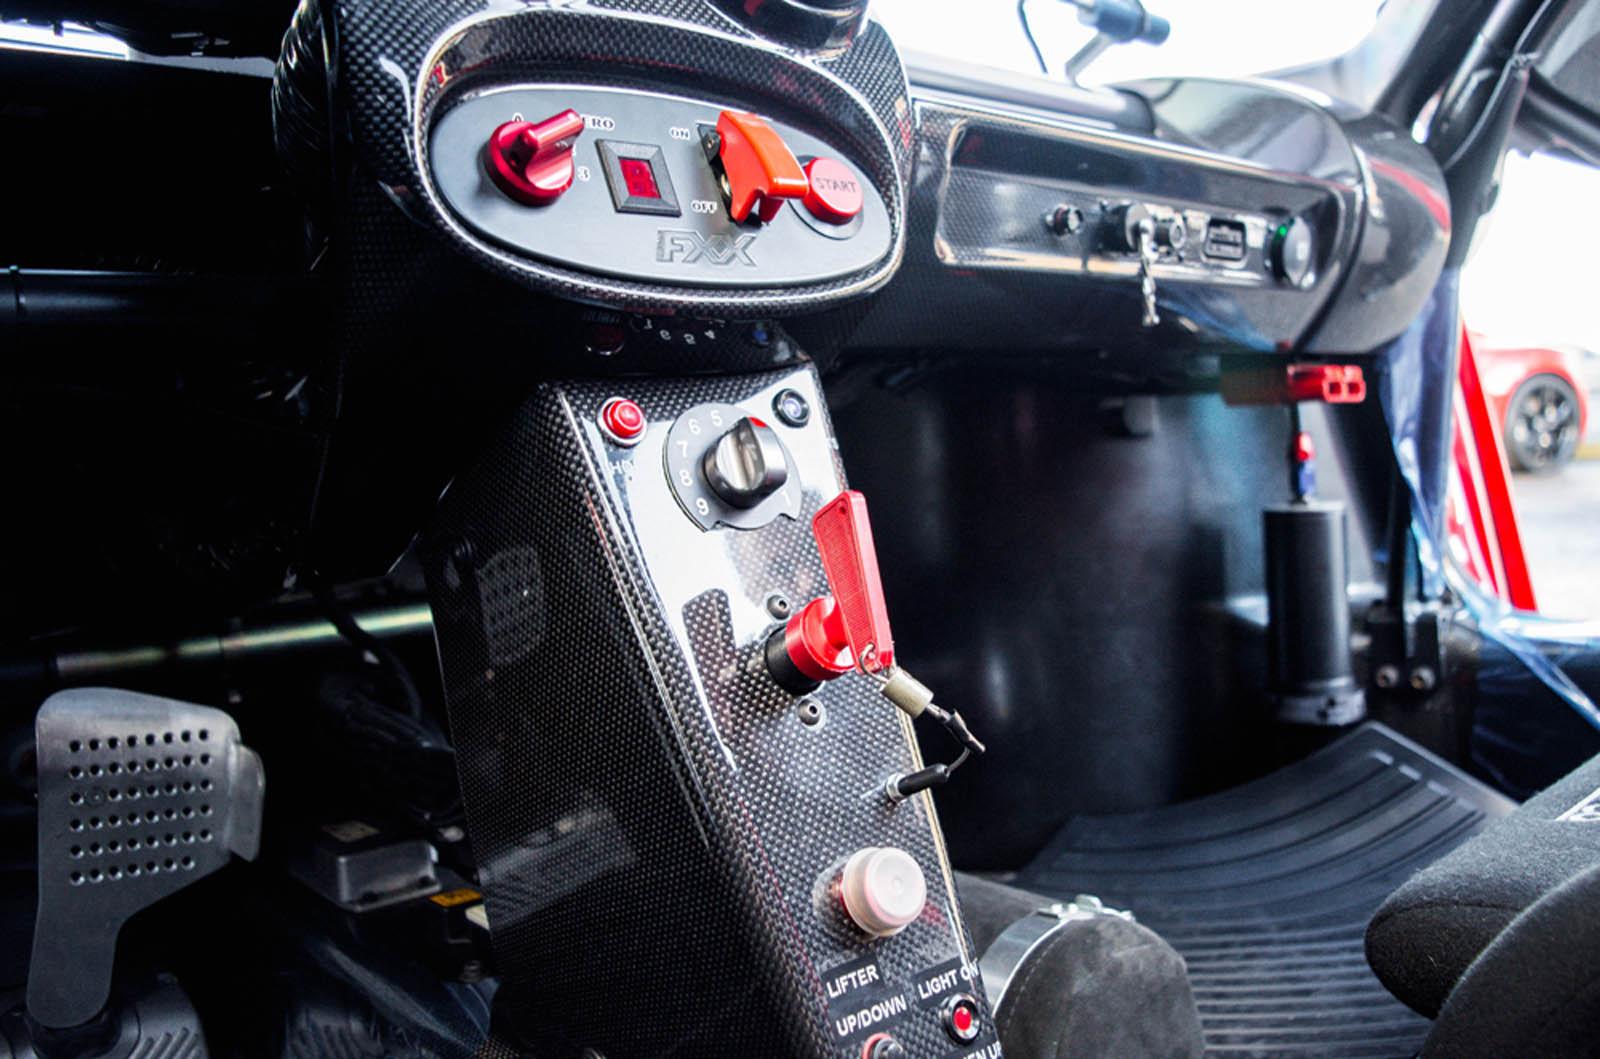 Ferrari_FXX_Evoluzione_for_sale_25